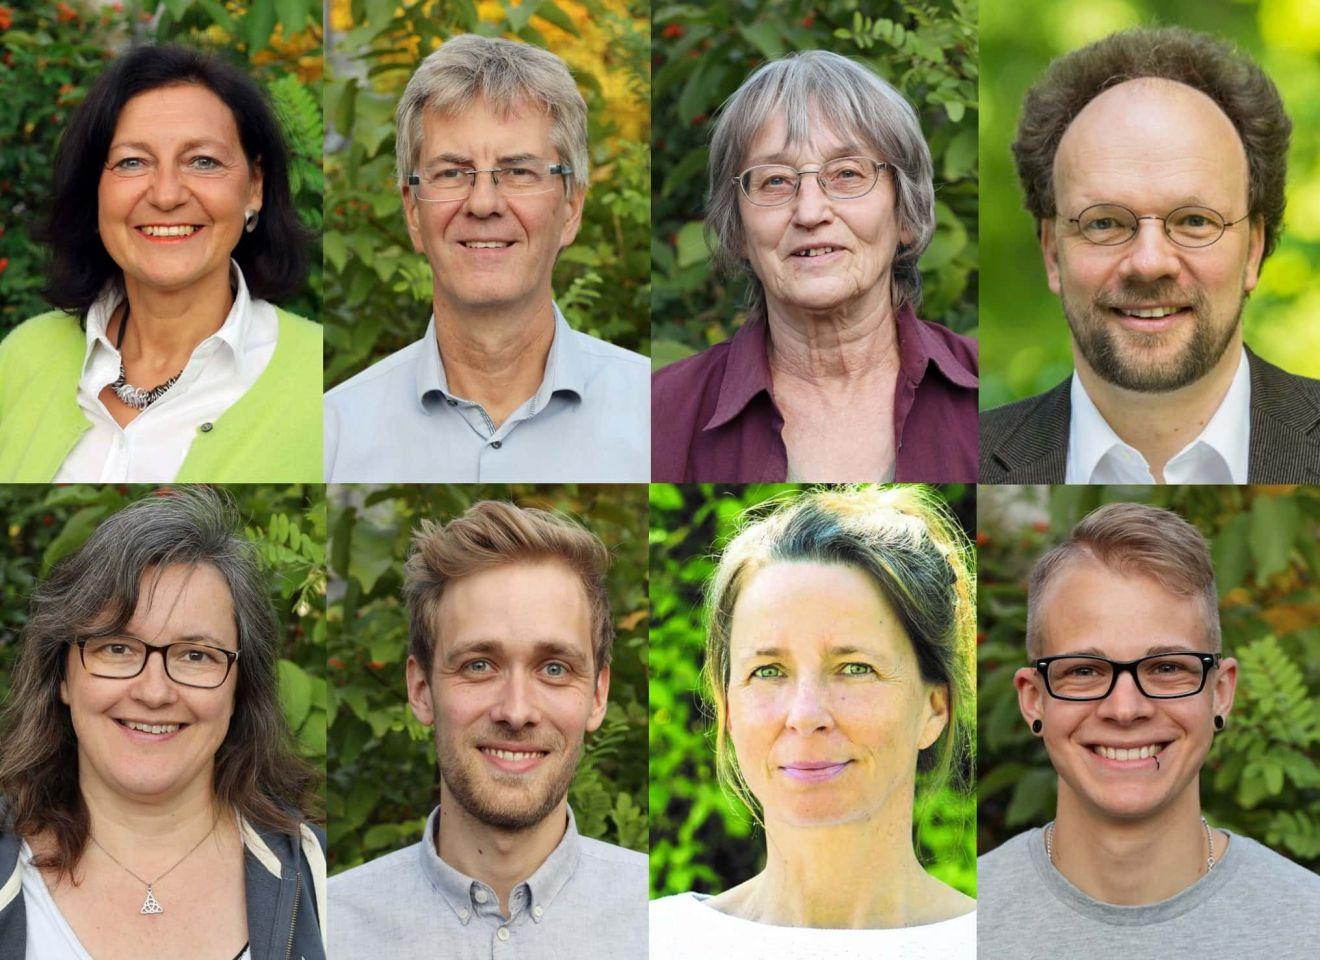 Grüne mit neuem Fraktionsvorstand: Matthias Pilz gibt nach 24 Jahren Fraktionsvorsitz ab